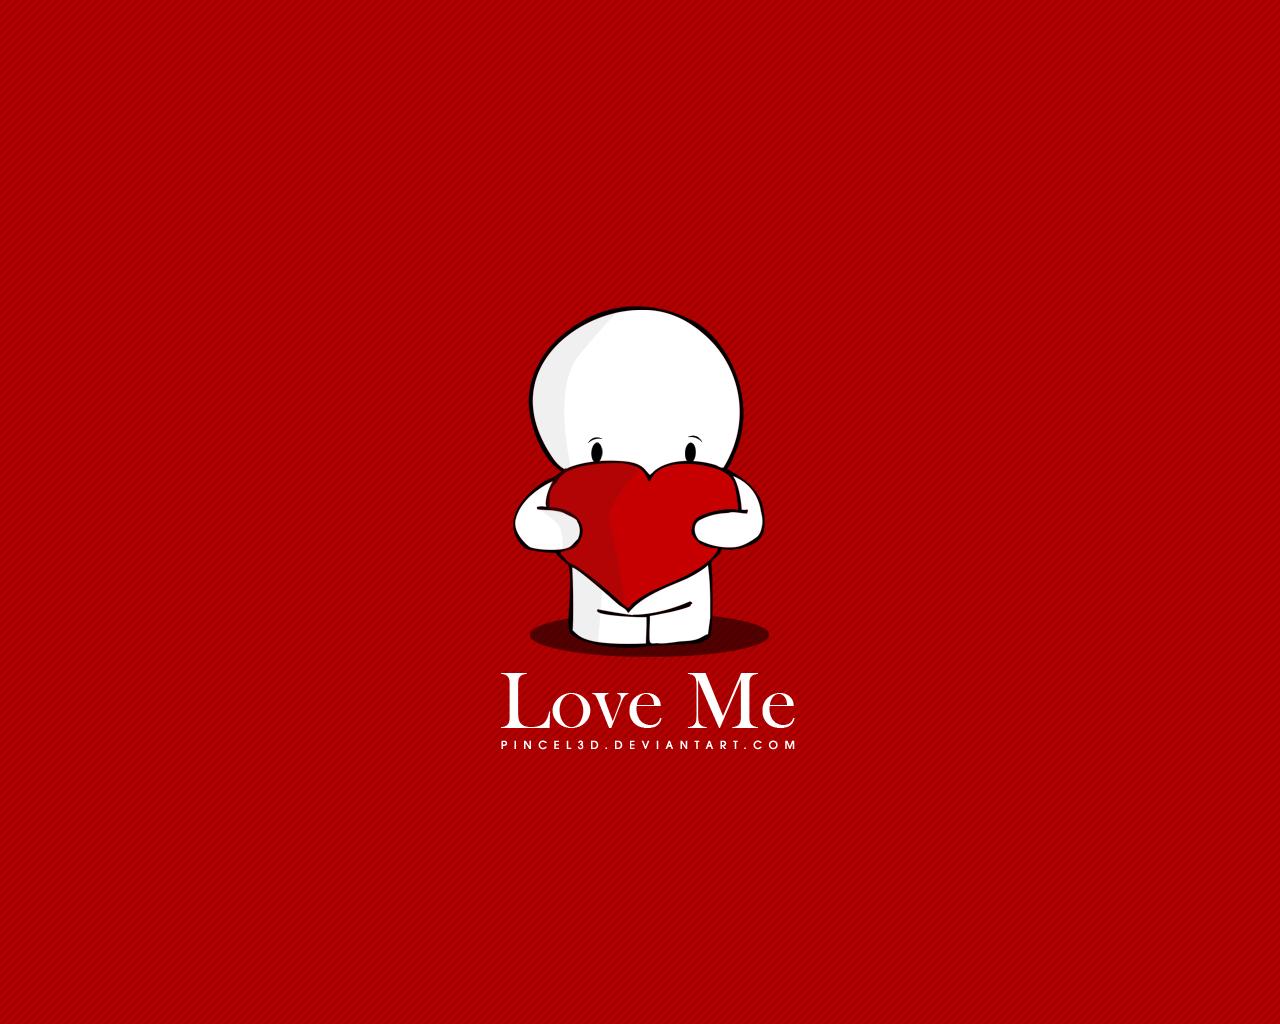 love me wallpaper by pincel3d customization wallpaper vector now 5 1280x1024